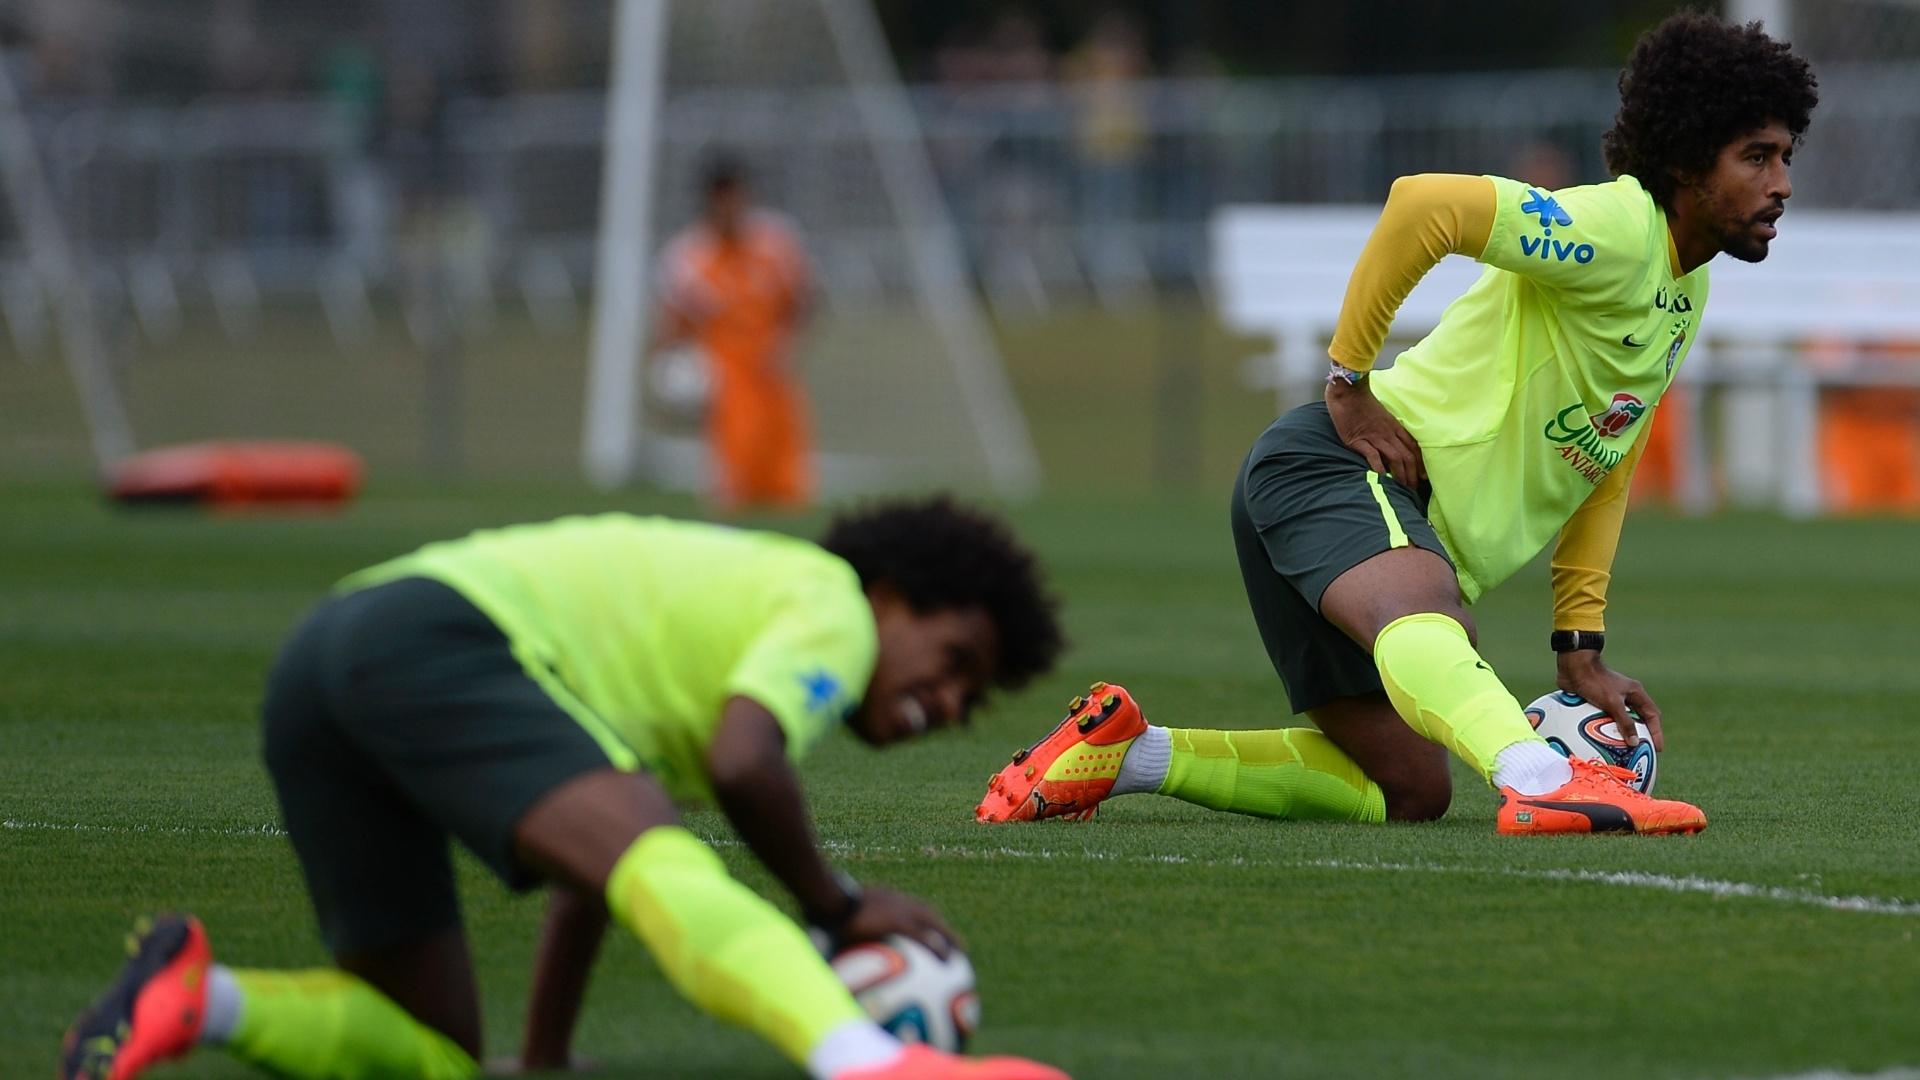 06.jul.2014 - Dante (ao fundo) e Willian fazem aquecimento antes de jogo treino dos reservas da seleção contra o time sub-20 do Fluminense